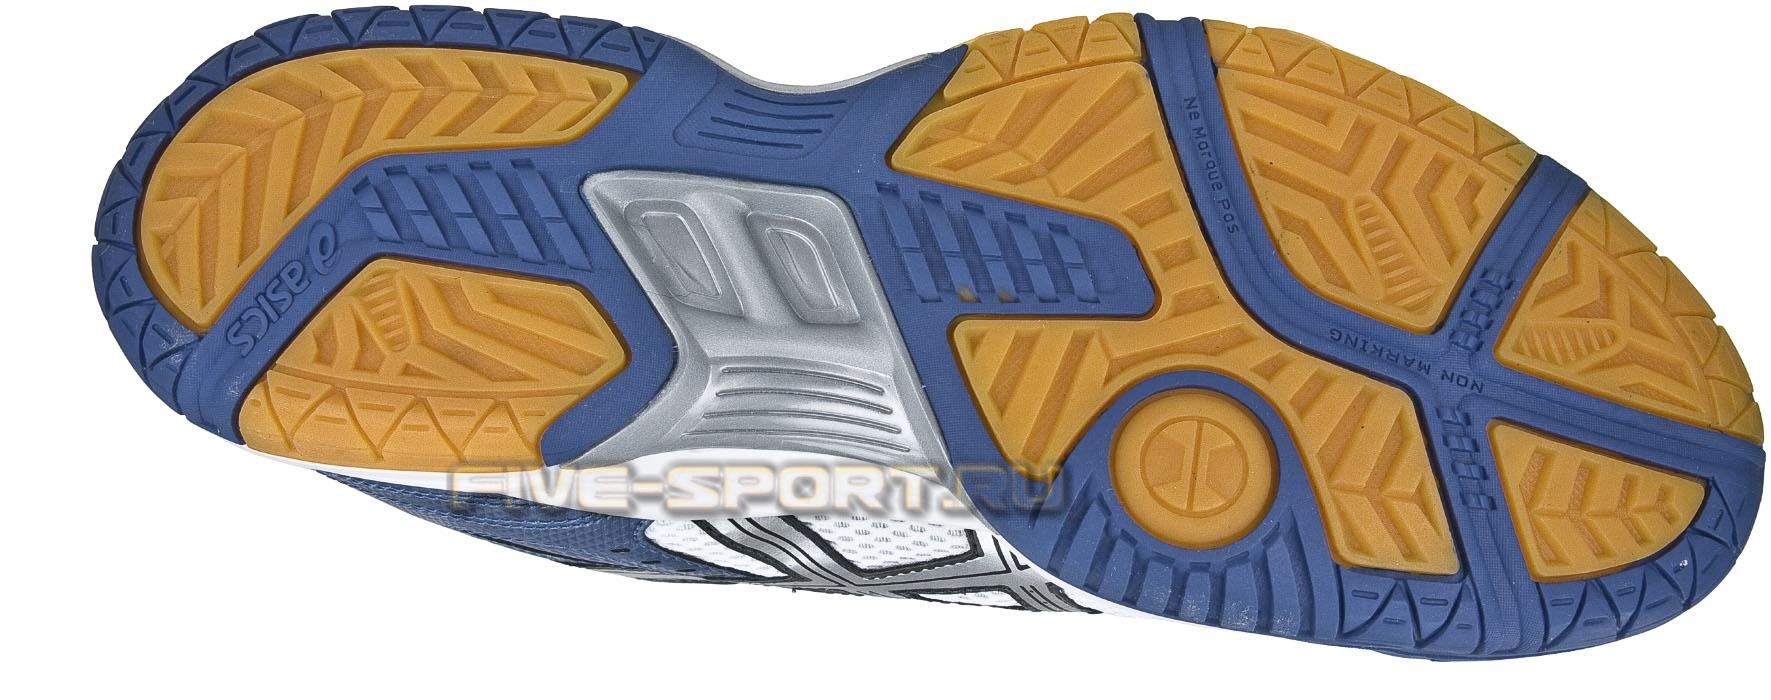 Asics Gel-Rocket 6 кроссовки волейбольные мужские - 2